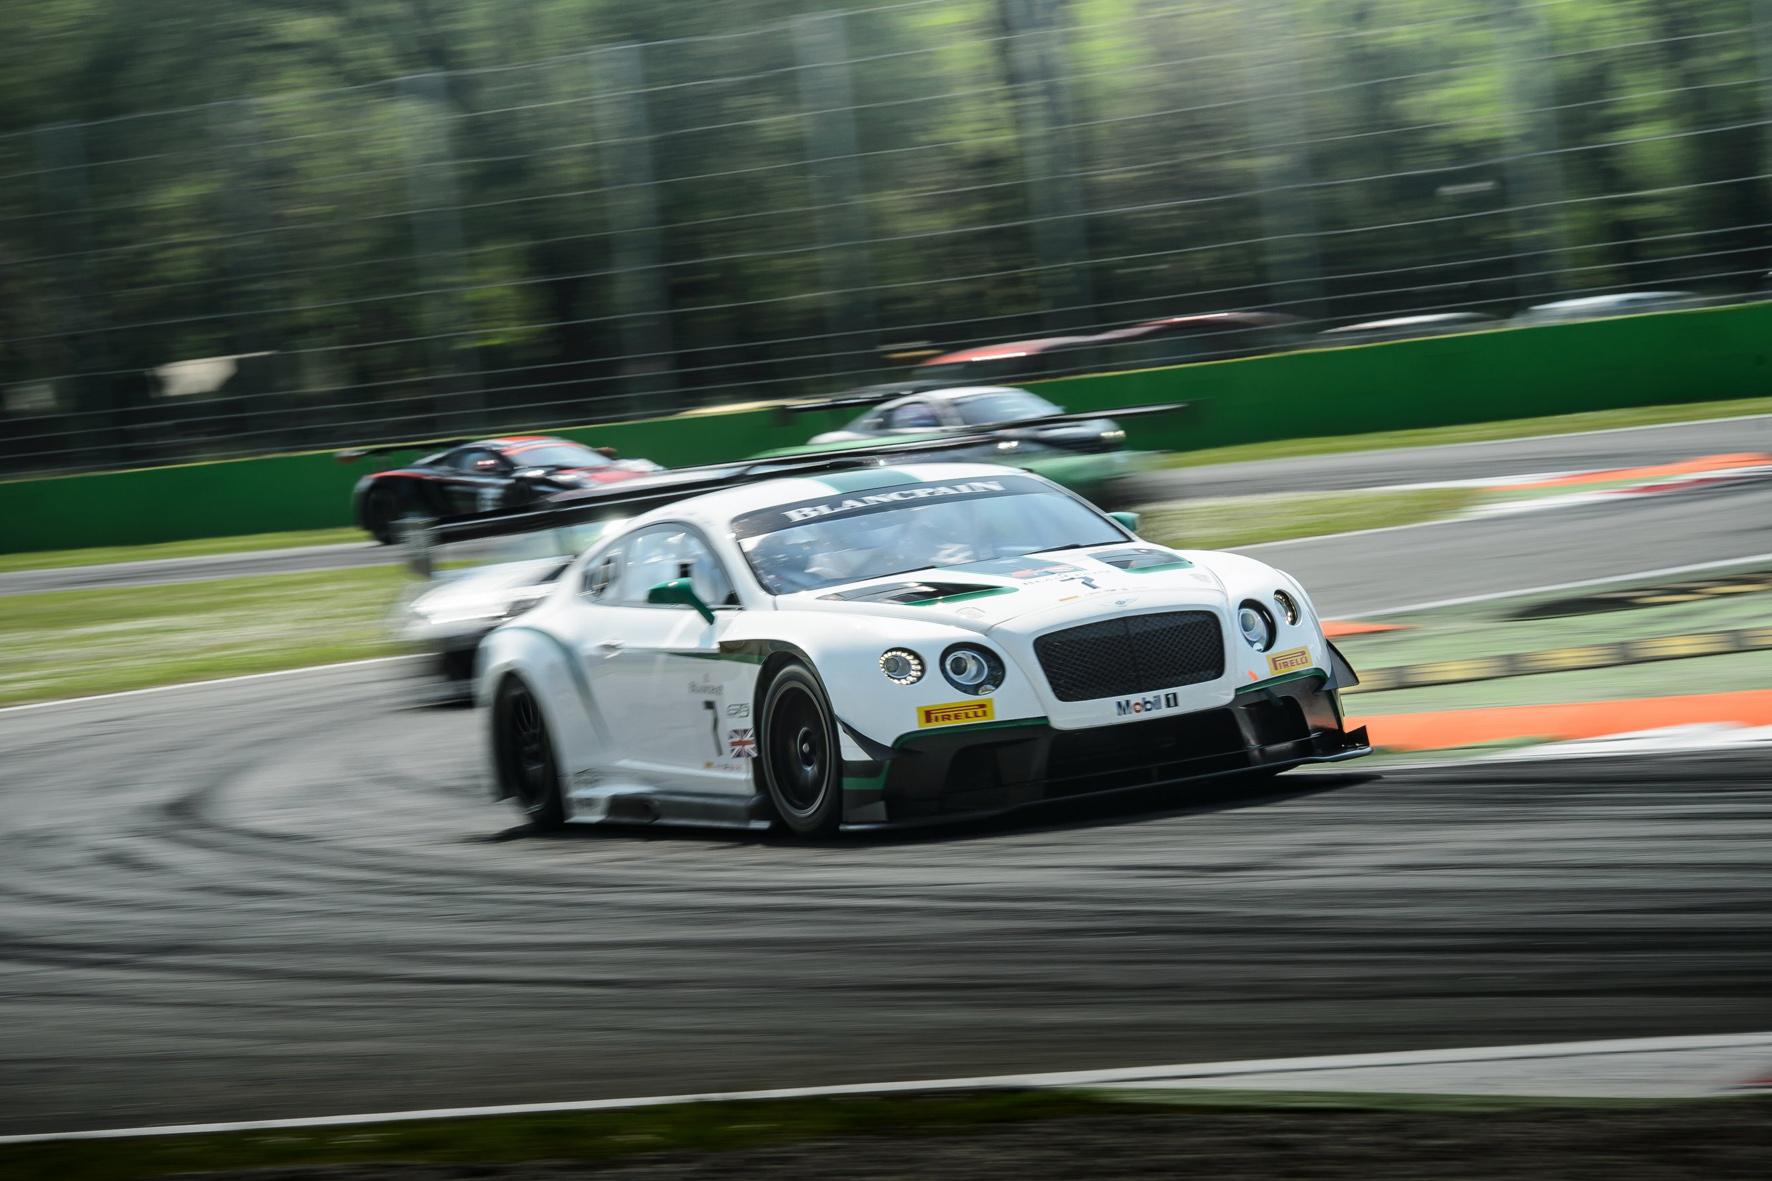 m kommenden Jahr will die britsche Nobel-Marke Bentley mit dem Continental GT3 (vorne) auch im ADAC-GT-Masters die Kurve kriegen.